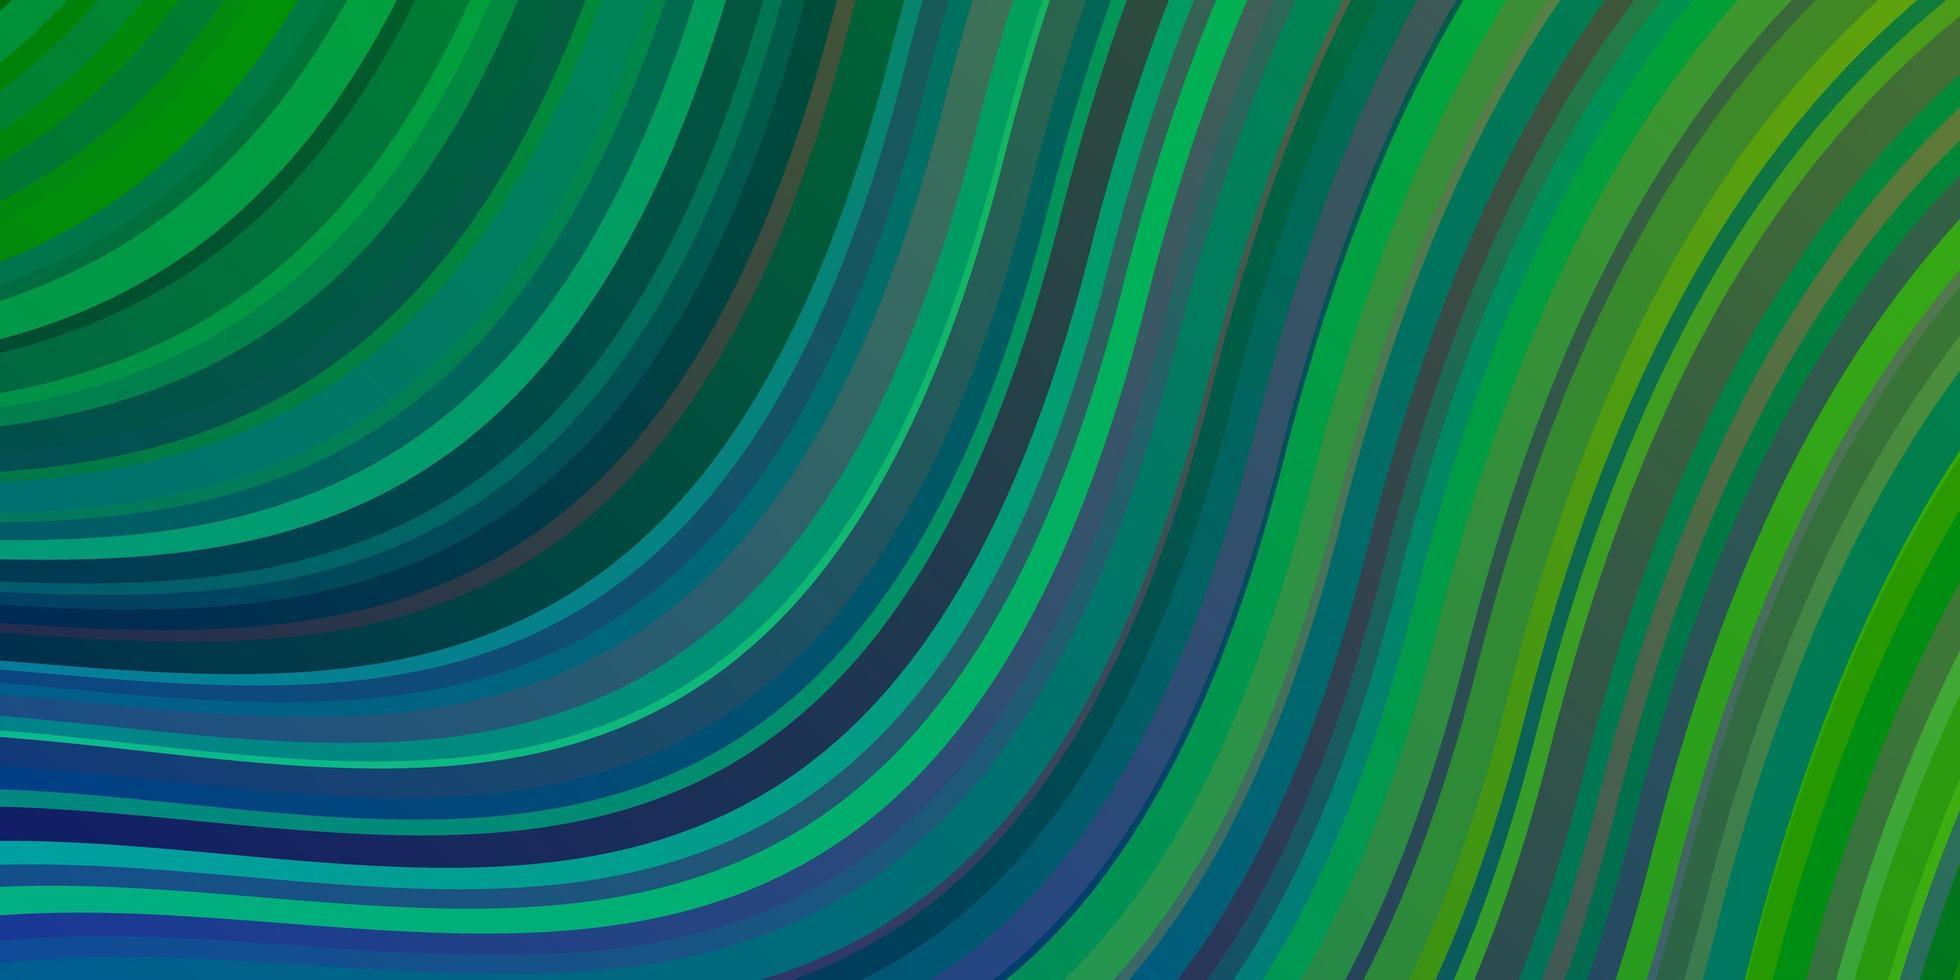 sfondo vettoriale azzurro, verde con arco circolare.